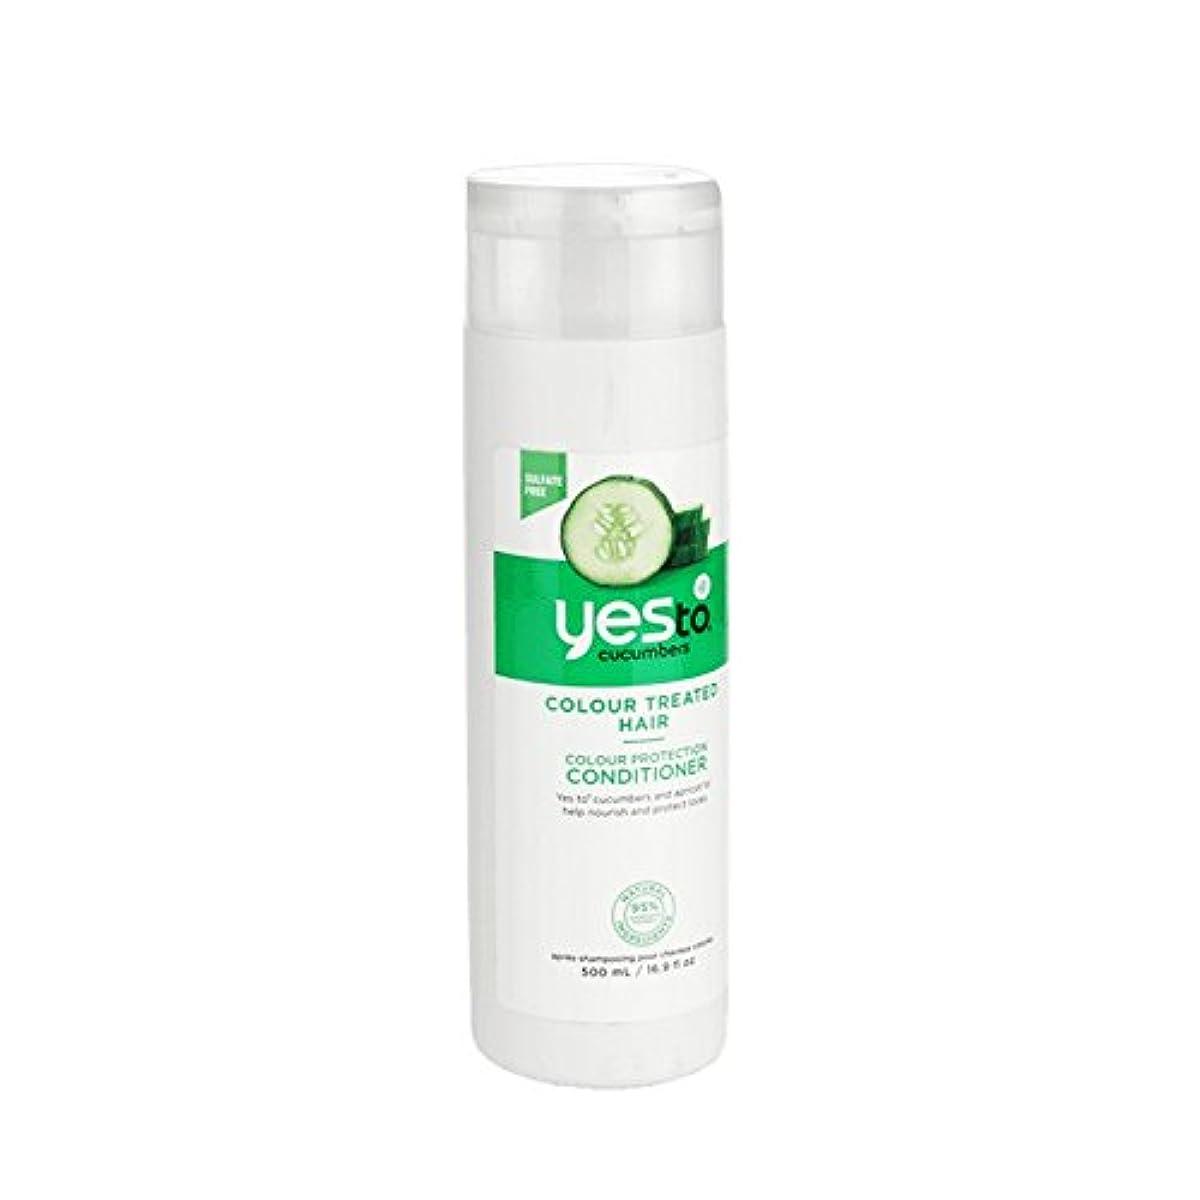 確立します災害運命Yes To Cucumbers Colour Protection Conditioner 500ml (Pack of 6) - はいキュウリの色の保護コンディショナー500ミリリットルへ (x6) [並行輸入品]